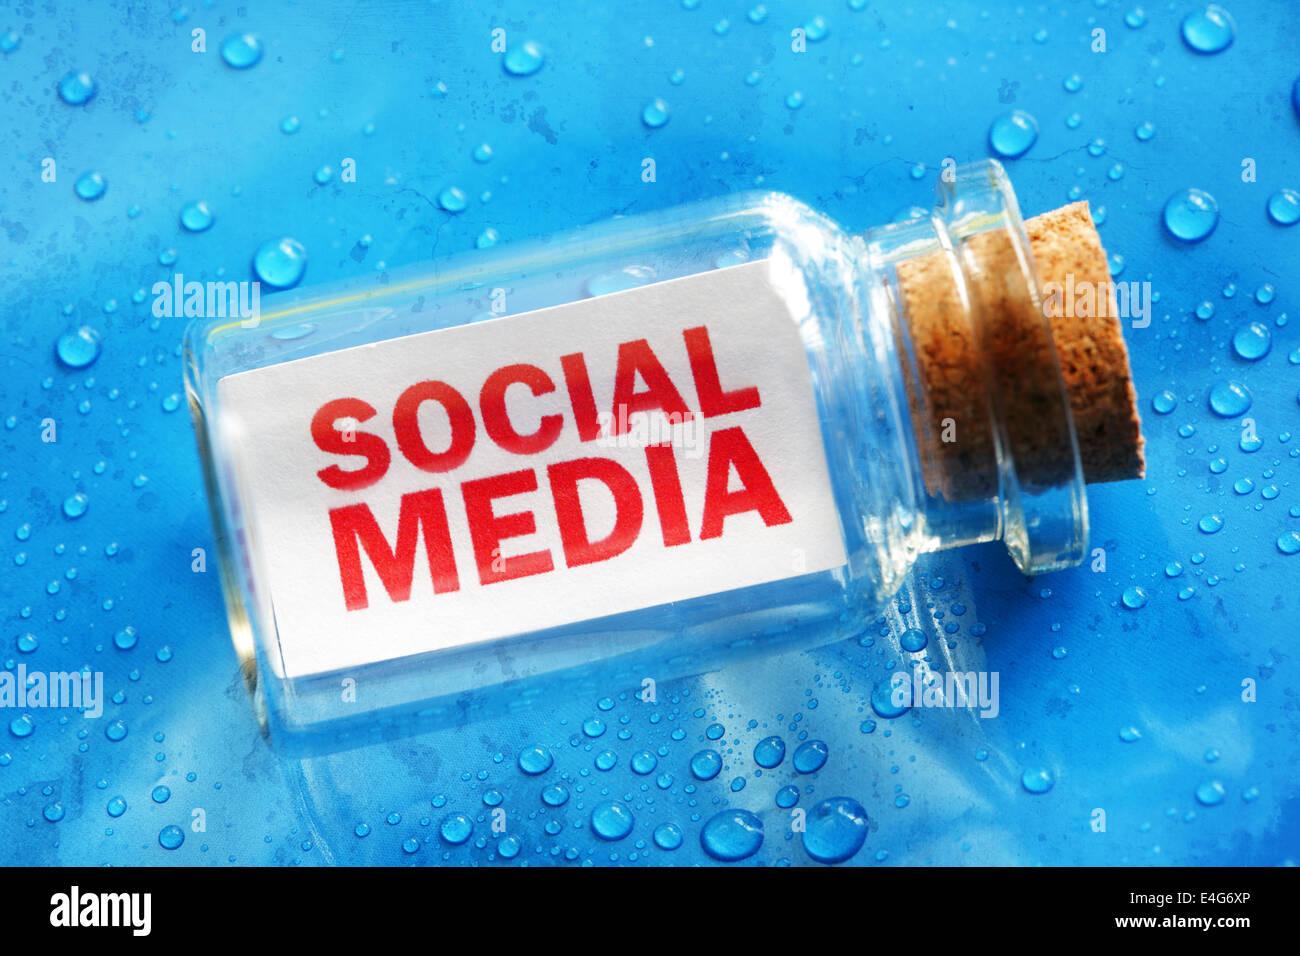 Social media un messaggio in bottiglia Immagini Stock